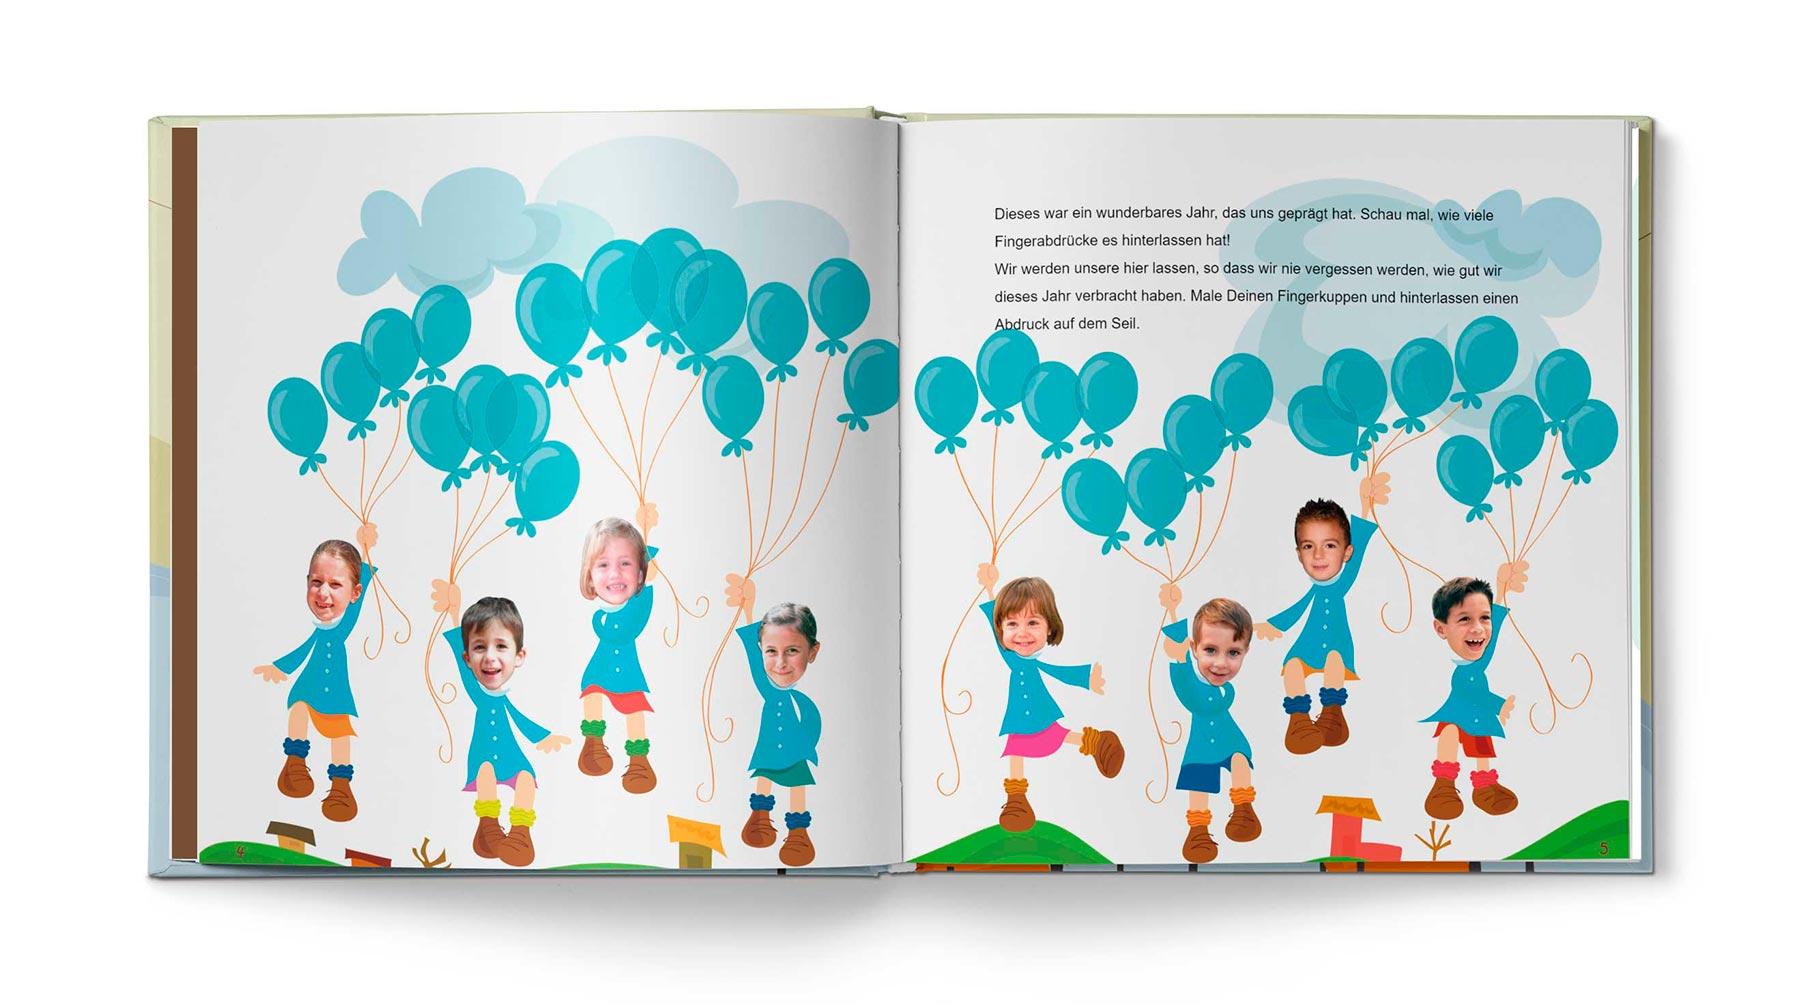 Geschichte Das Schulbuch - Bild 2